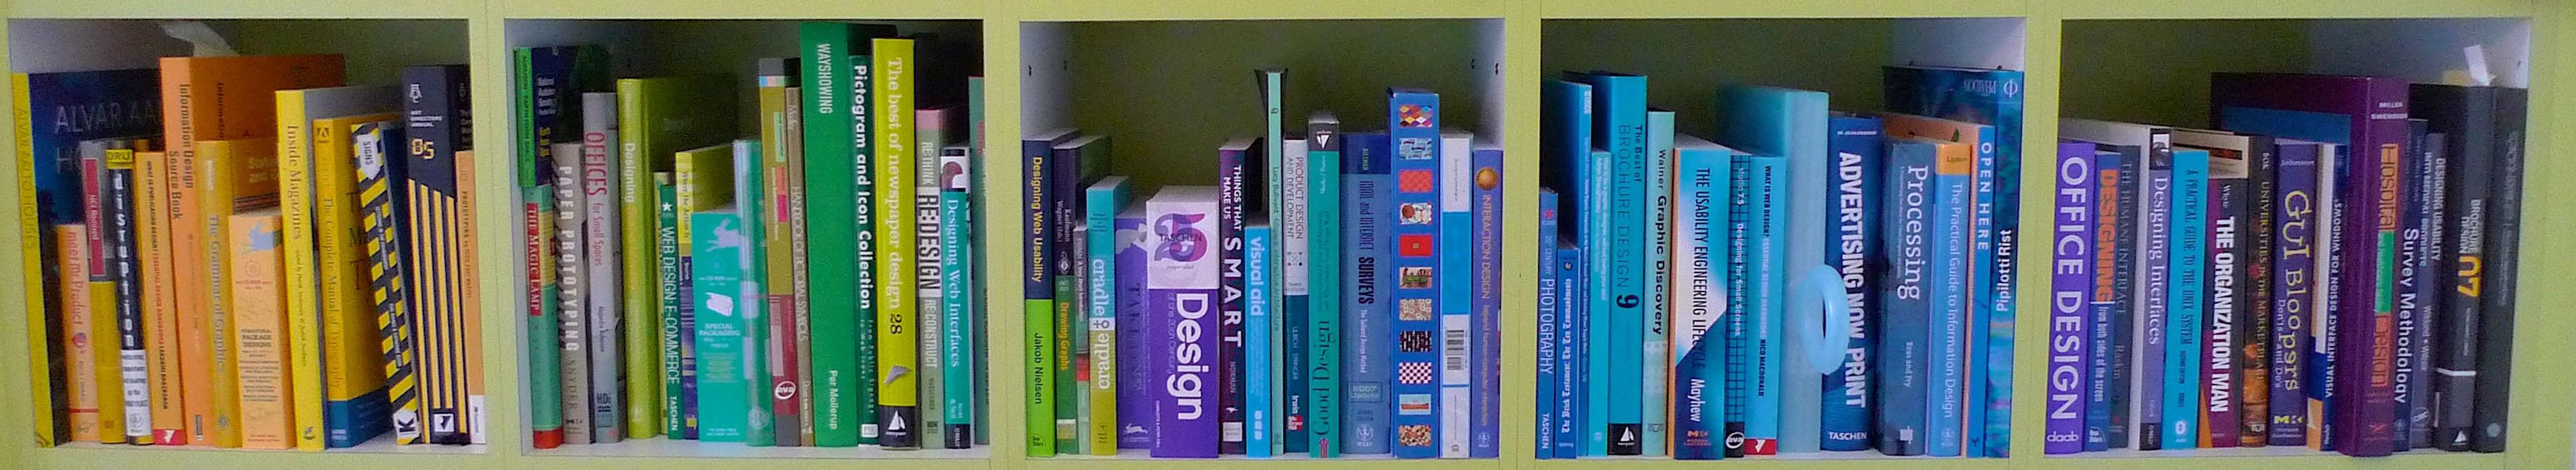 מדף ספרים באנגלית